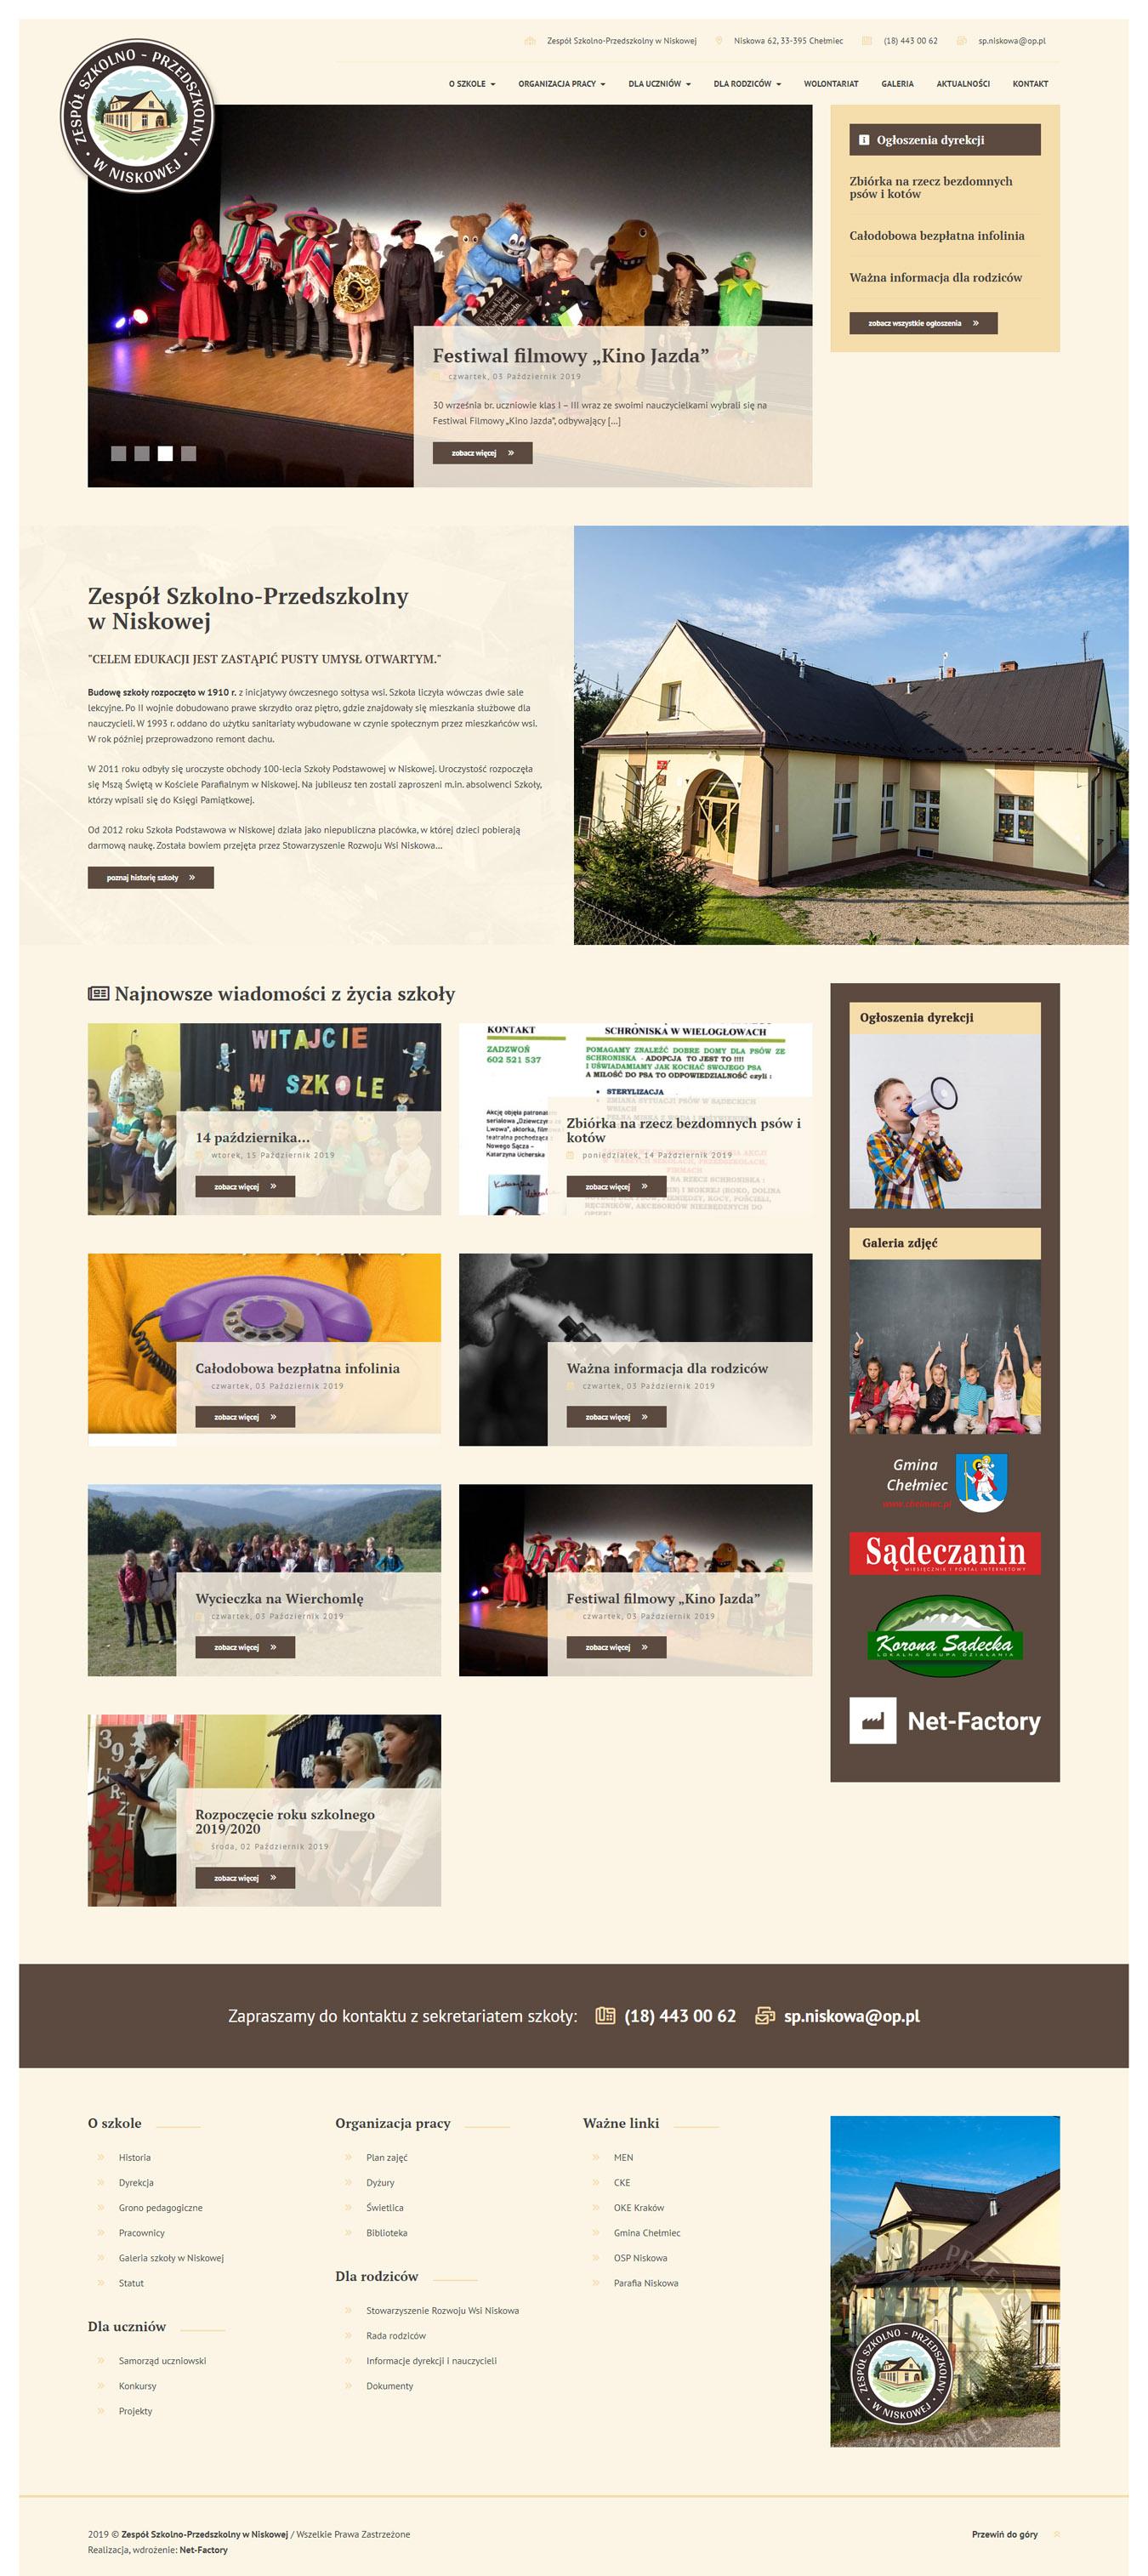 Witryna internetowa dla Szkoły Podstawowej w Niskowej